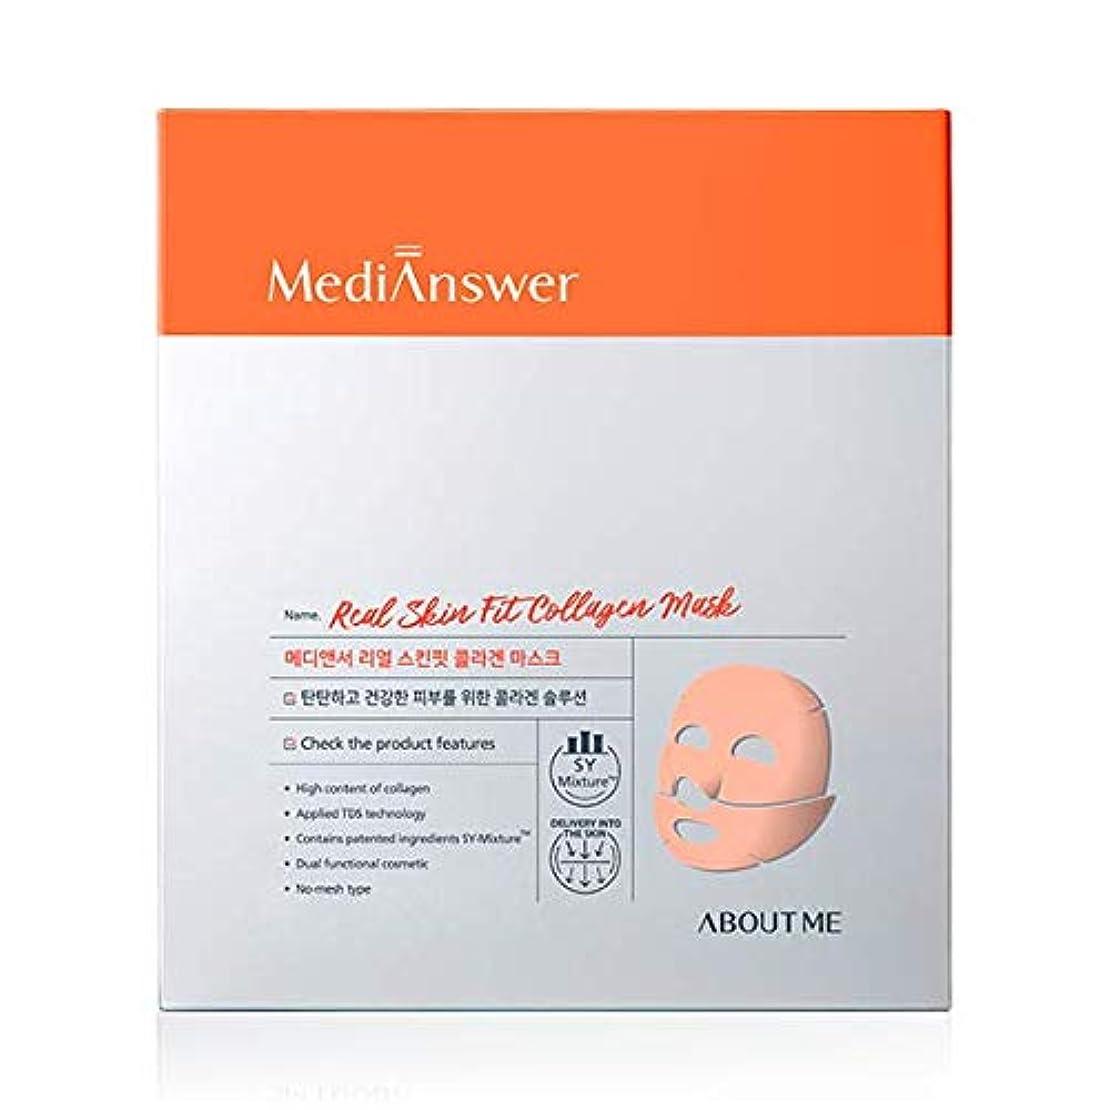 混乱させるバズ辞書[MediAnswer] メディアンサースキンフィットコラーゲンマスク 35gx4枚 / Real Skin Fit Collagen Mask 35gx4EA [並行輸入品]